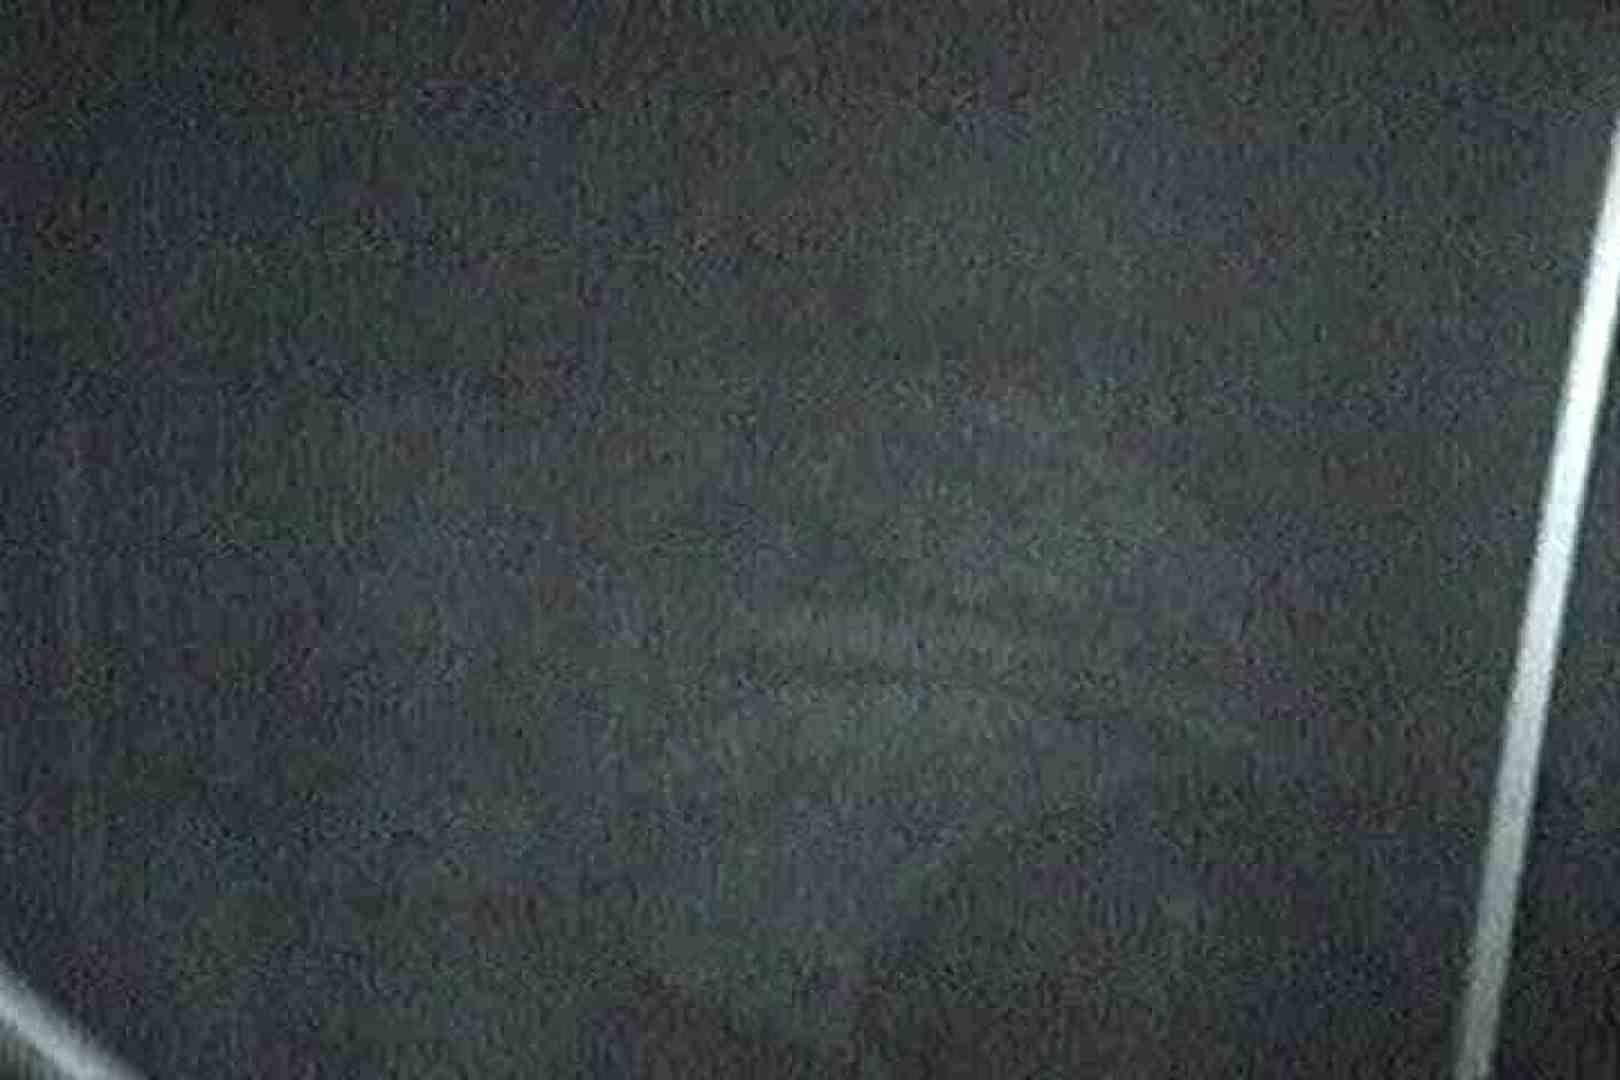 充血監督の深夜の運動会Vol.161 おっぱい | OLエロ画像  61PICs 43